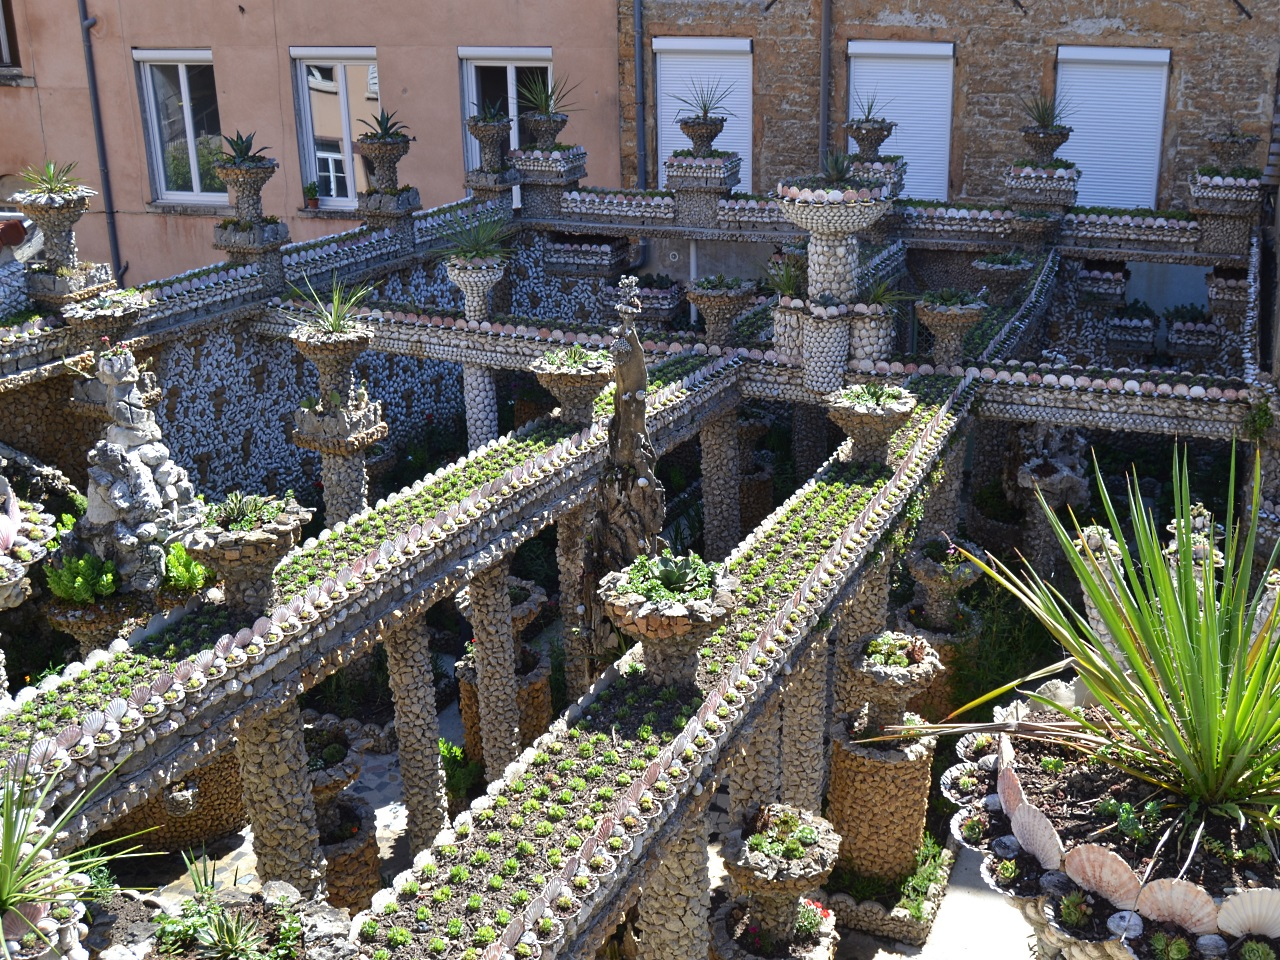 La r ouverture du jardin rosa mir repouss e d une semaine for Jardin rosa alcoy